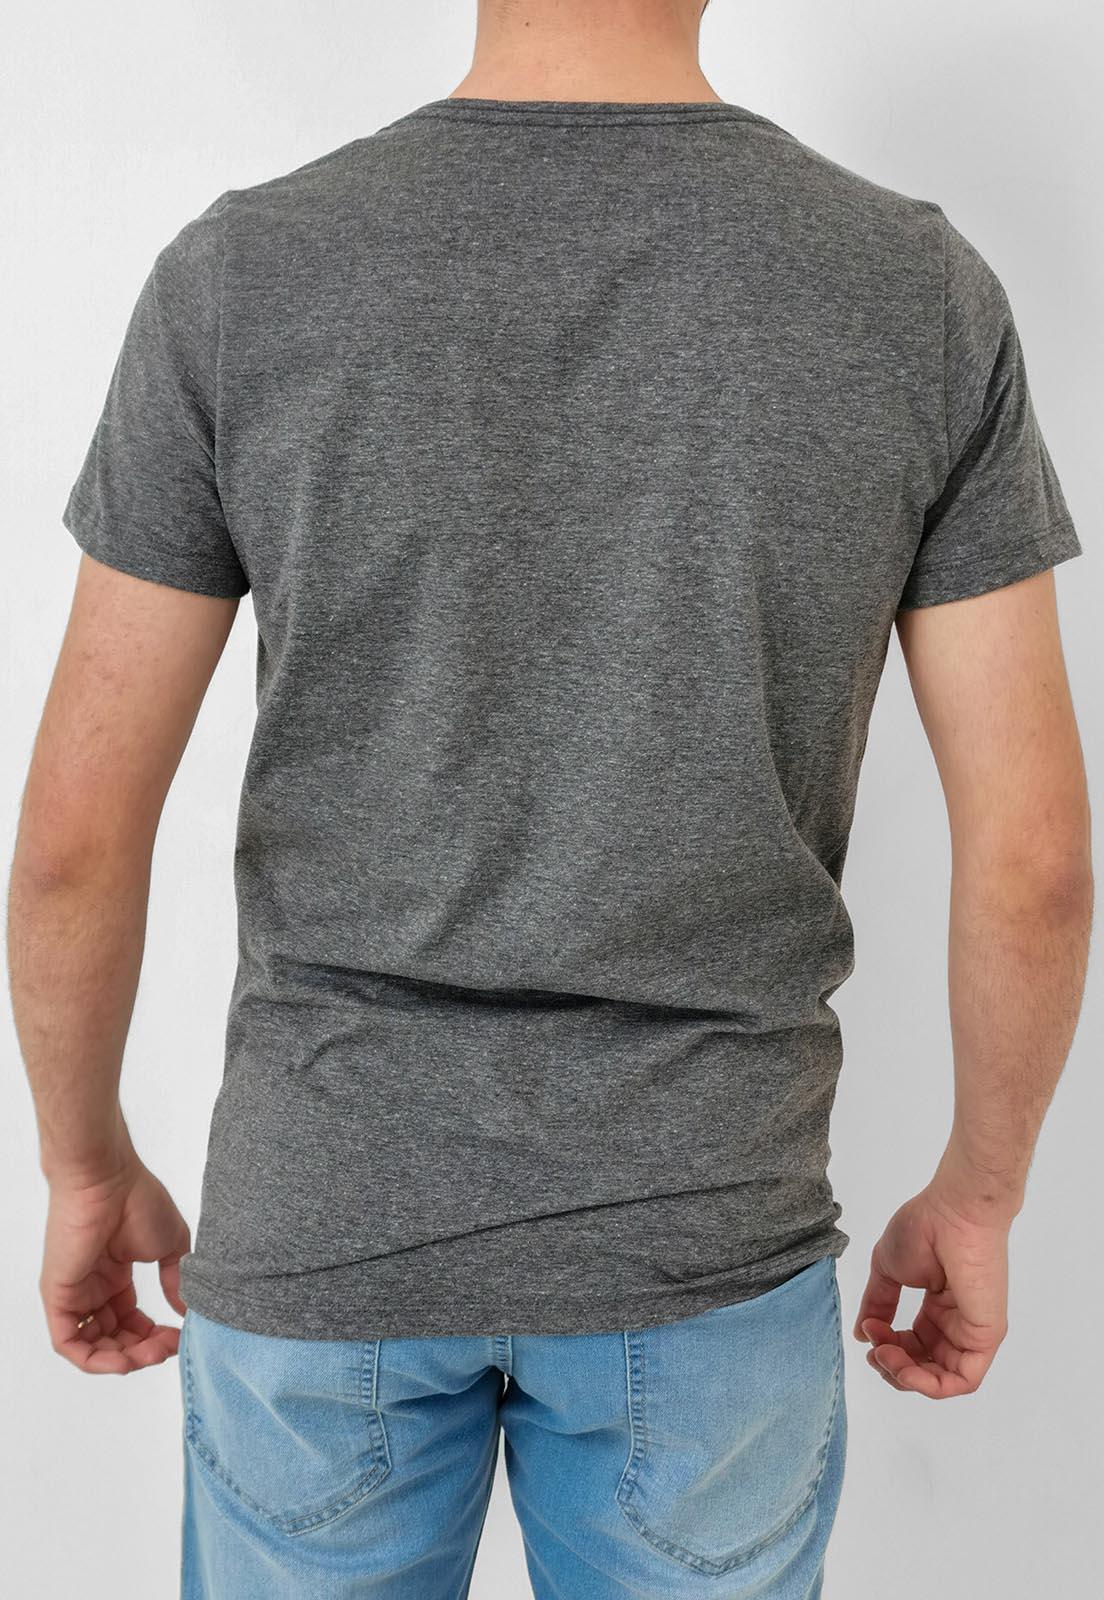 Camiseta Wolke Cinza Mescla